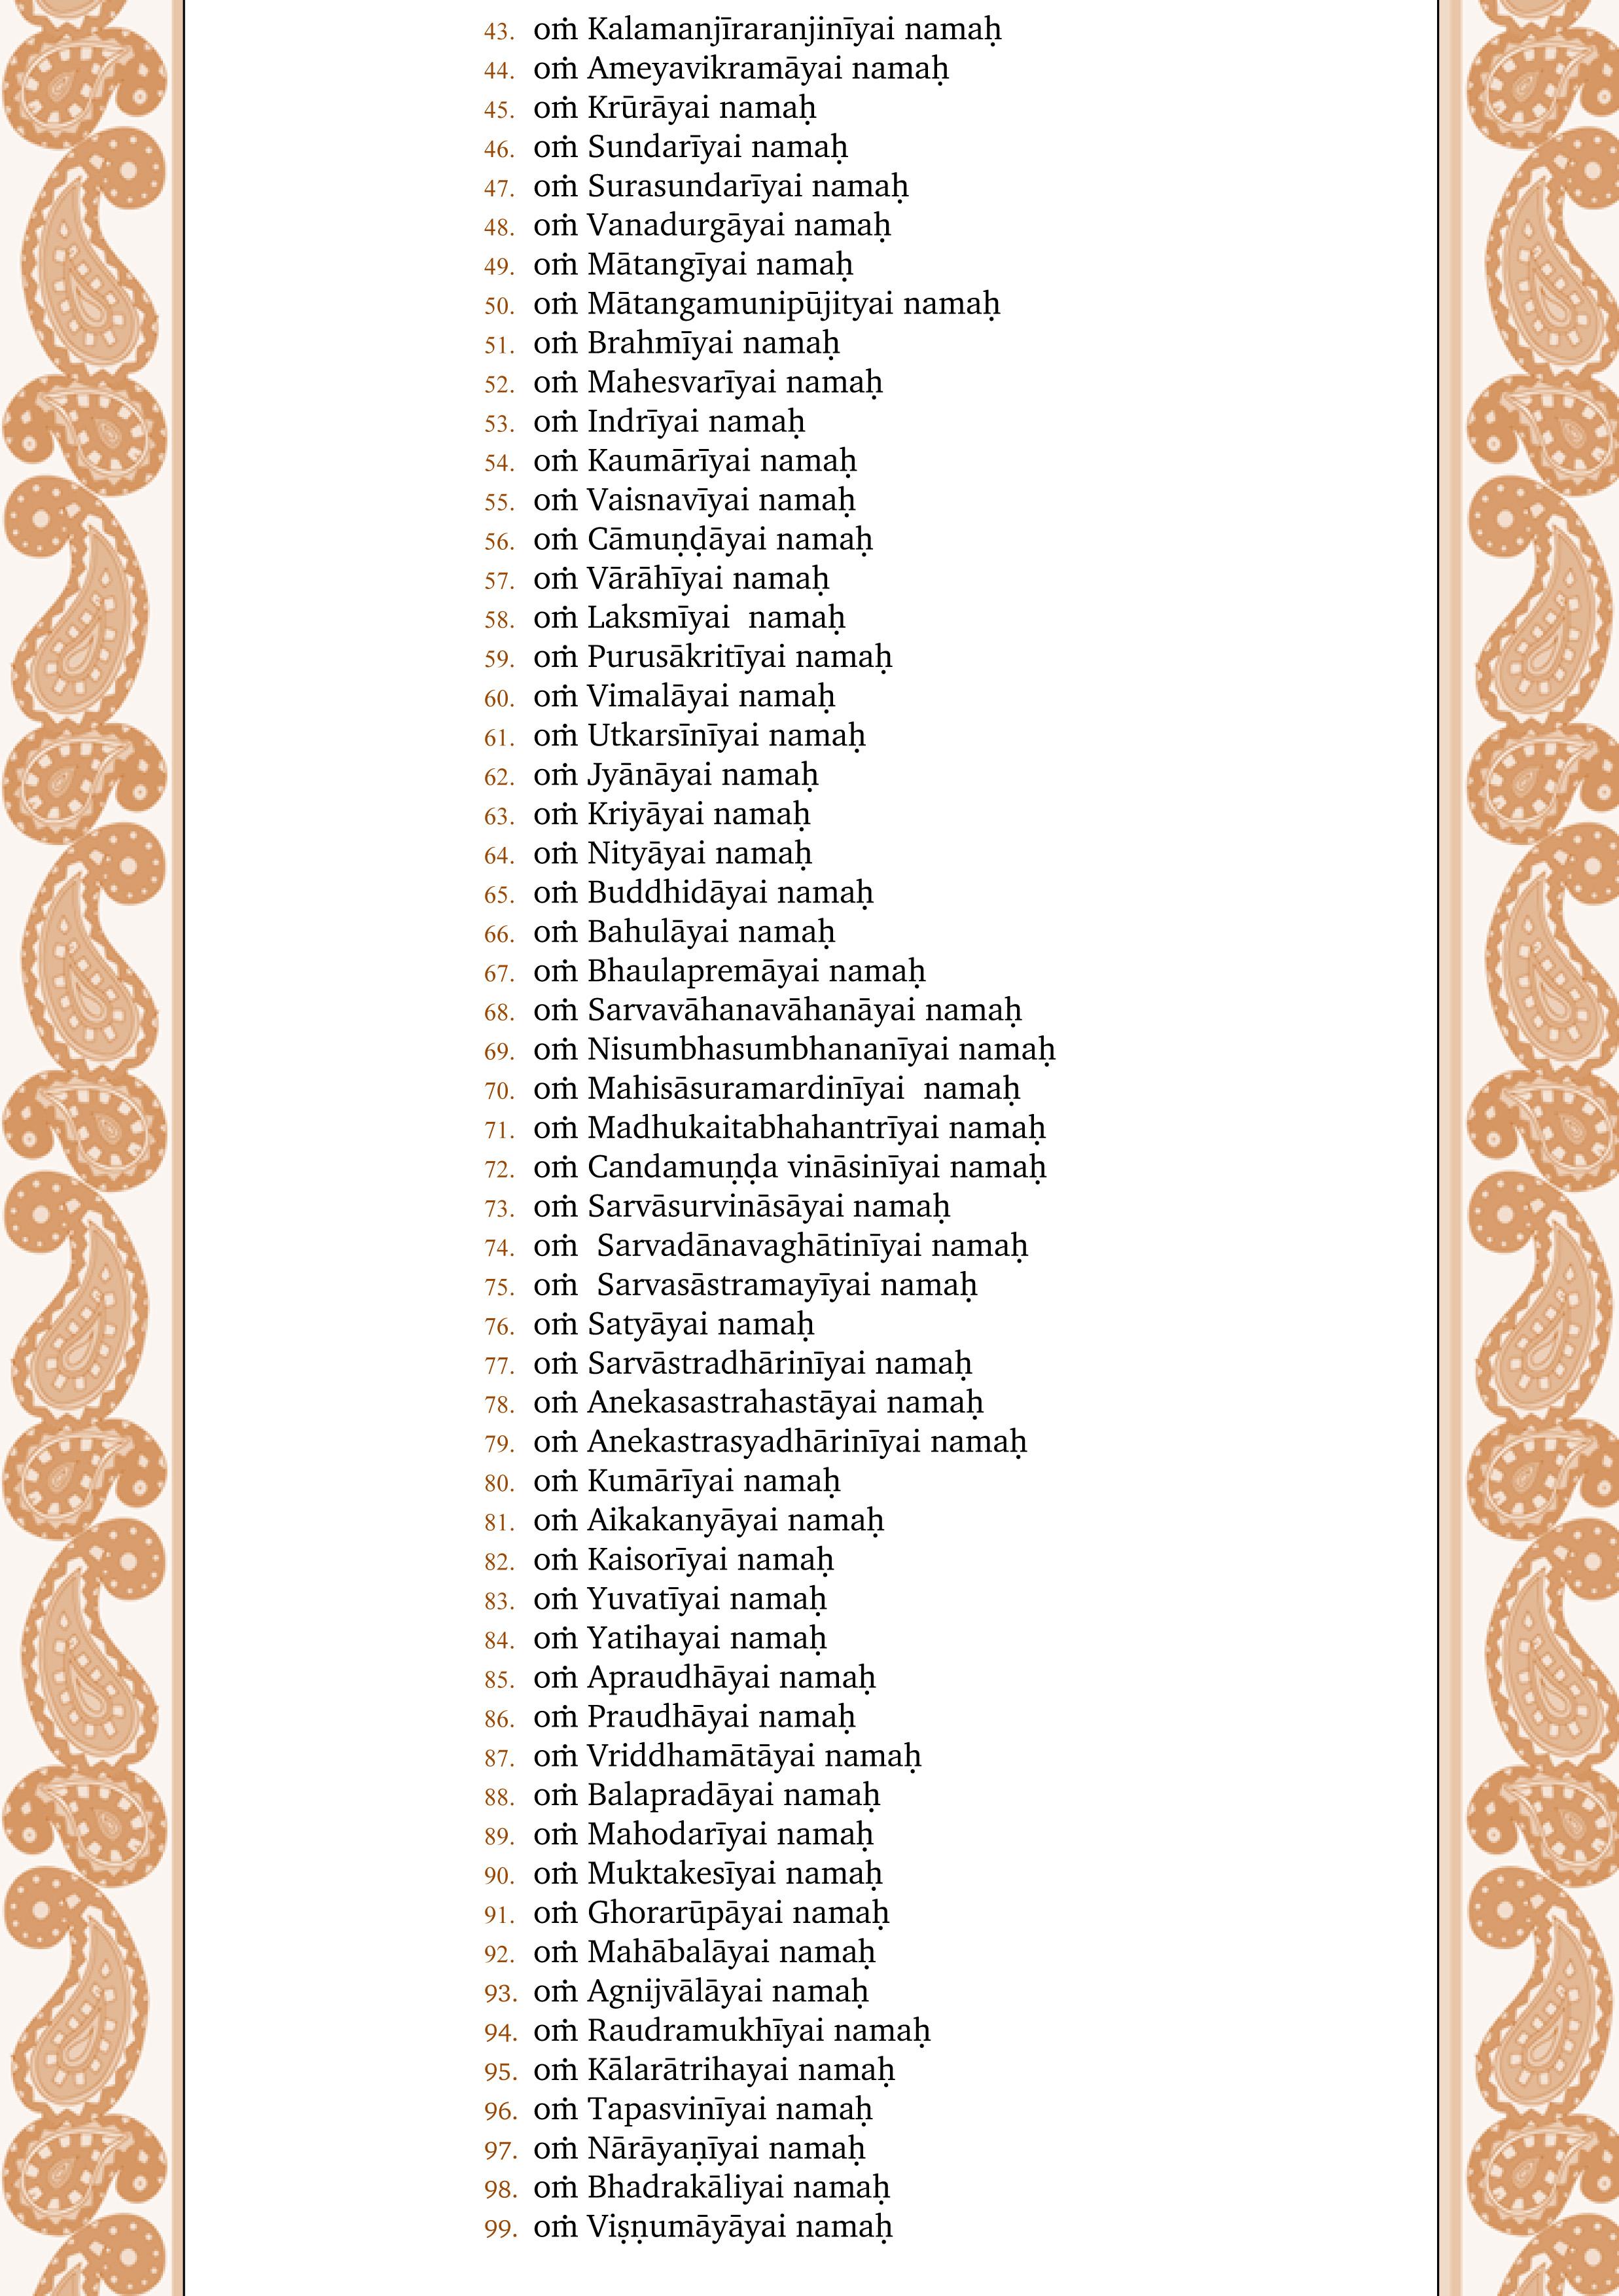 108 noms de Durgâ-2